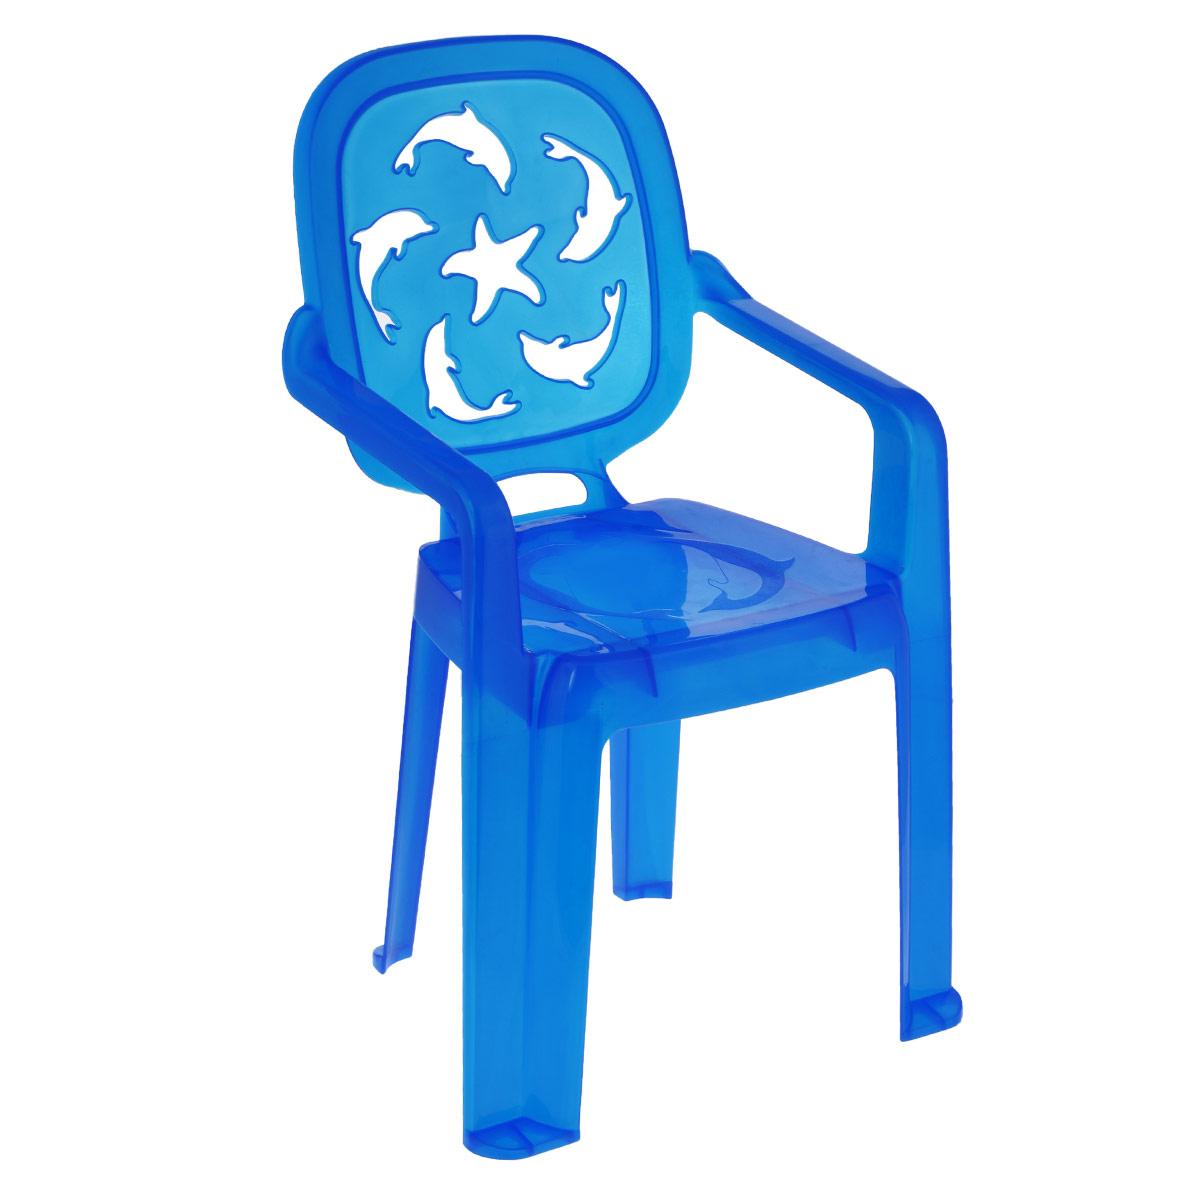 Стульчик детский Idea Океаник, цвет: синийМ 2288Детский стульчик Idea Океаник выполнен из высококачественного пластика. Прочный и удобный, без острых углов, неподверженный коррозии и легко транспортируемый стул прослужит долгие годы. Сиденье стульчика оформлено рельефным изображением дельфинов, а спинка оформлена перфорацией в виде дельфинов и морской звезды. Надежная опора ножек предотвращает опрокидывание стула. Детский стул Idea Океаник порадует вашего ребенка.